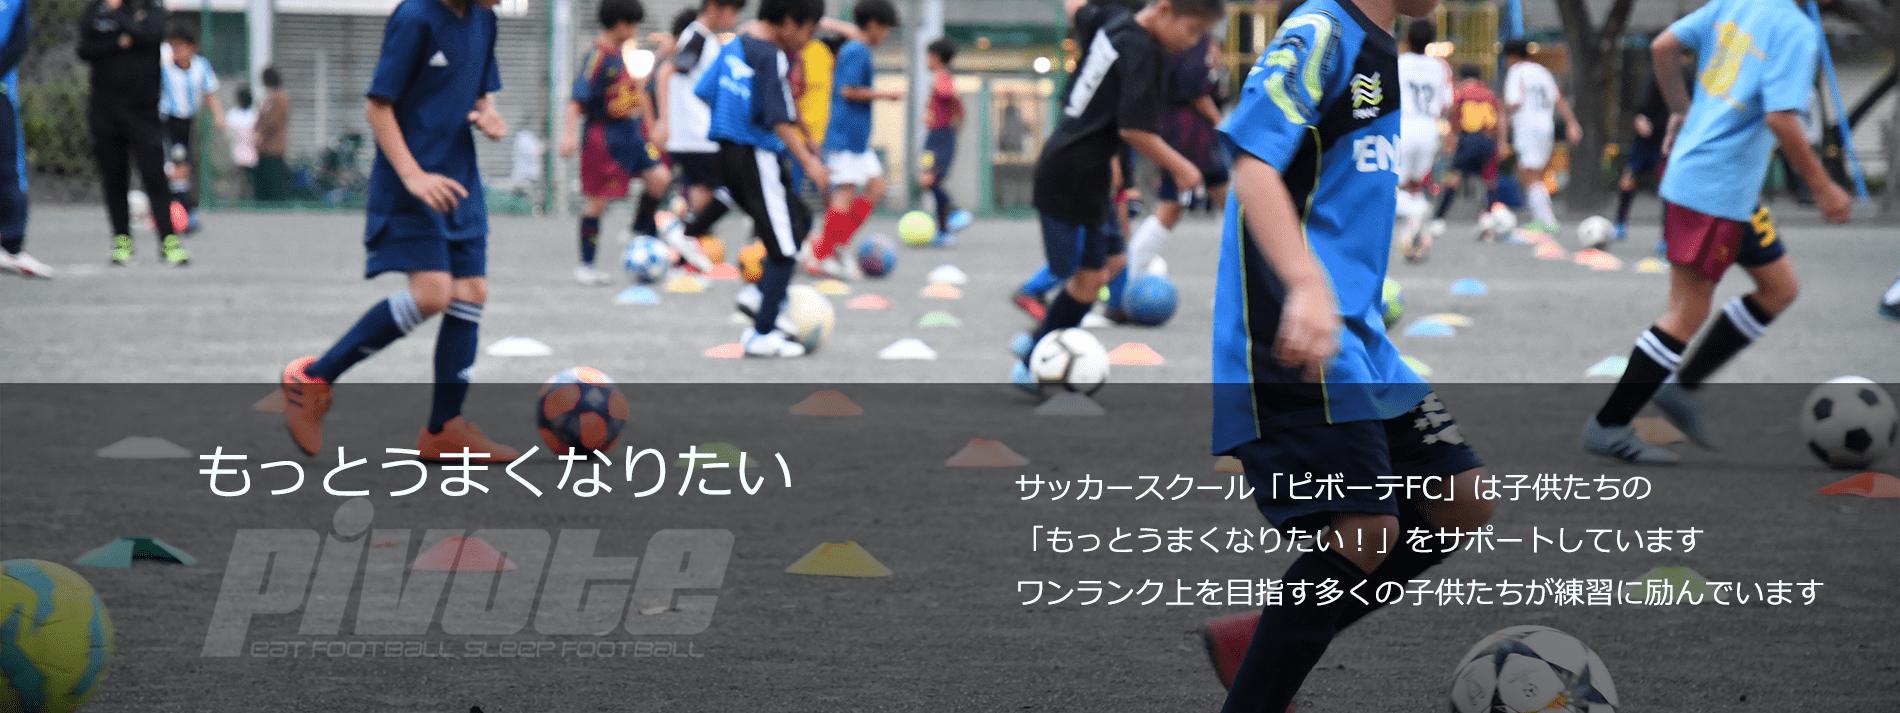 目黒区・品川区のサッカースクール「Pivore-FC (ピボーテフットボールクラブ)」